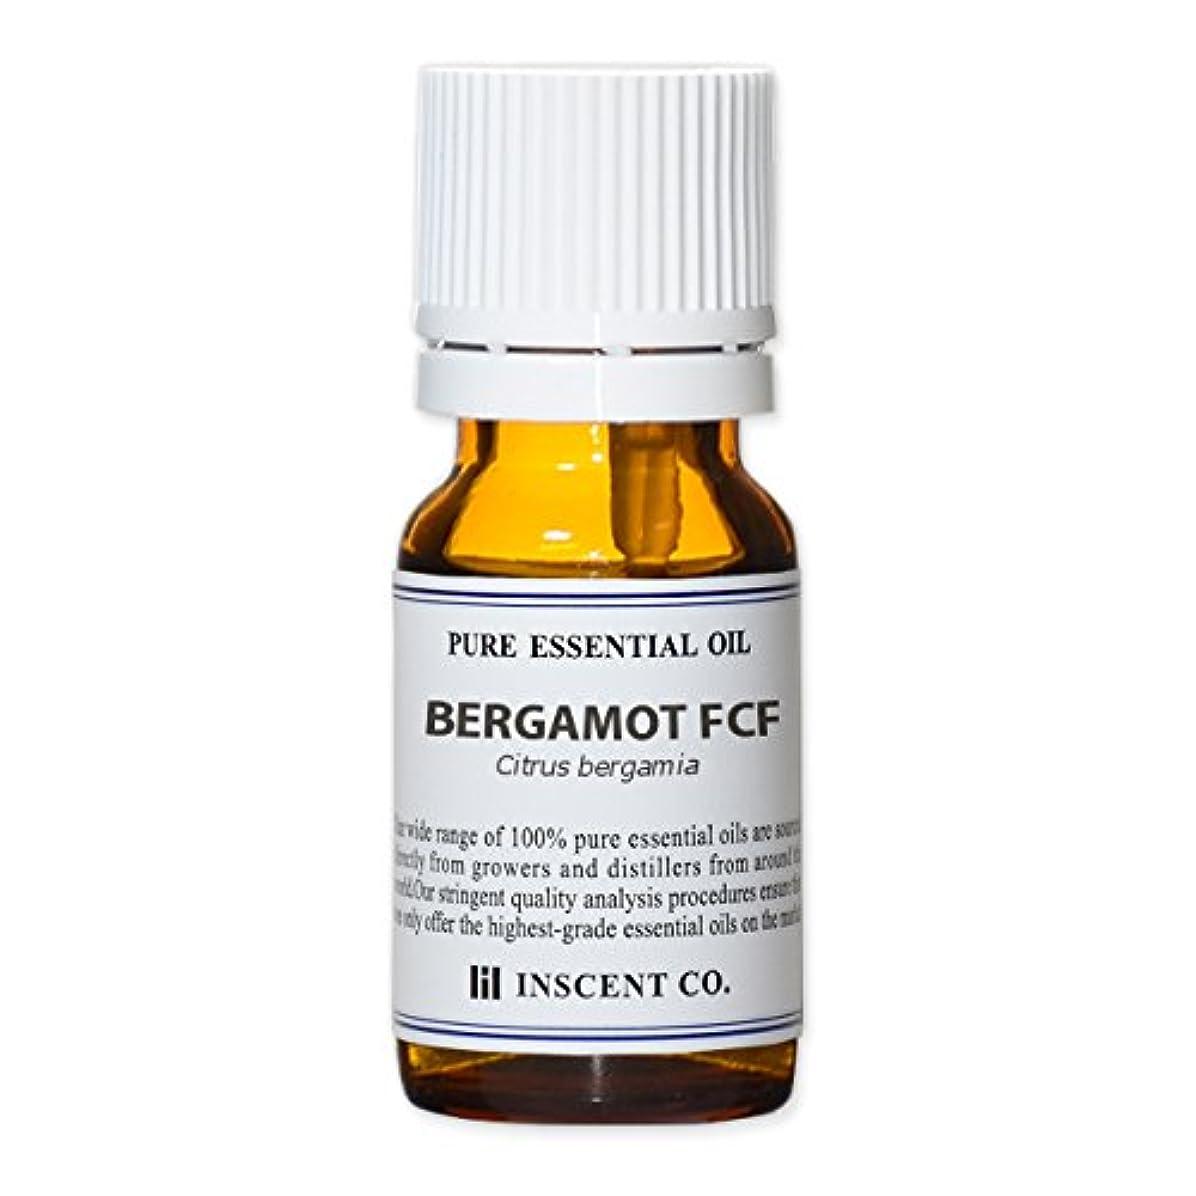 物理抑制するペルメルベルガモットFCF (ベルガプテンフリー) 10ml インセント アロマオイル AEAJ 表示基準適合認定精油 (フロクマリンフリー)